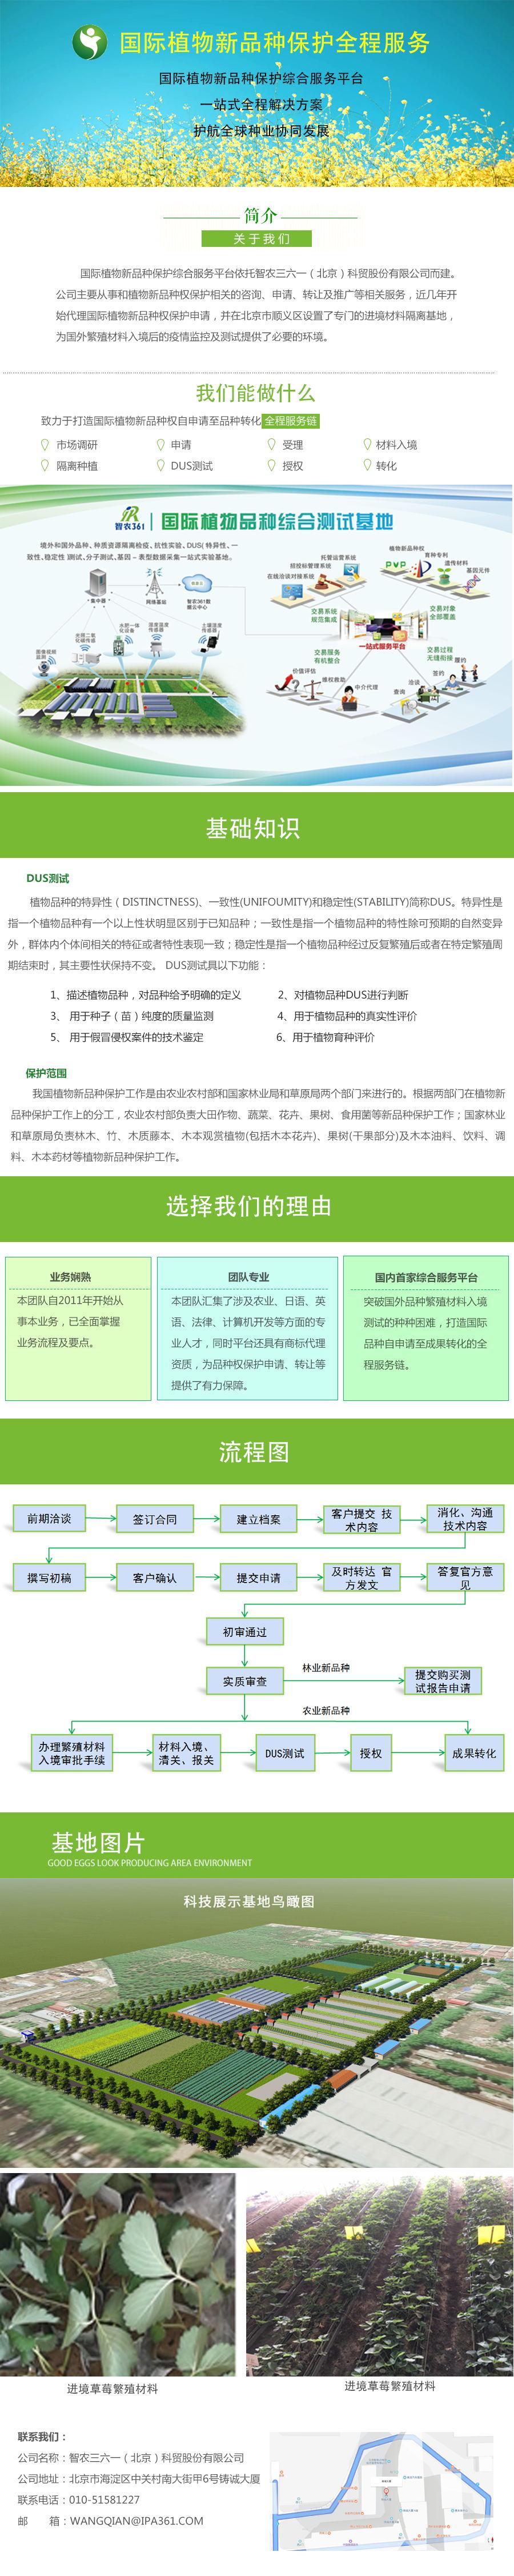 欣欣工作室_看图王_看图王.jpg